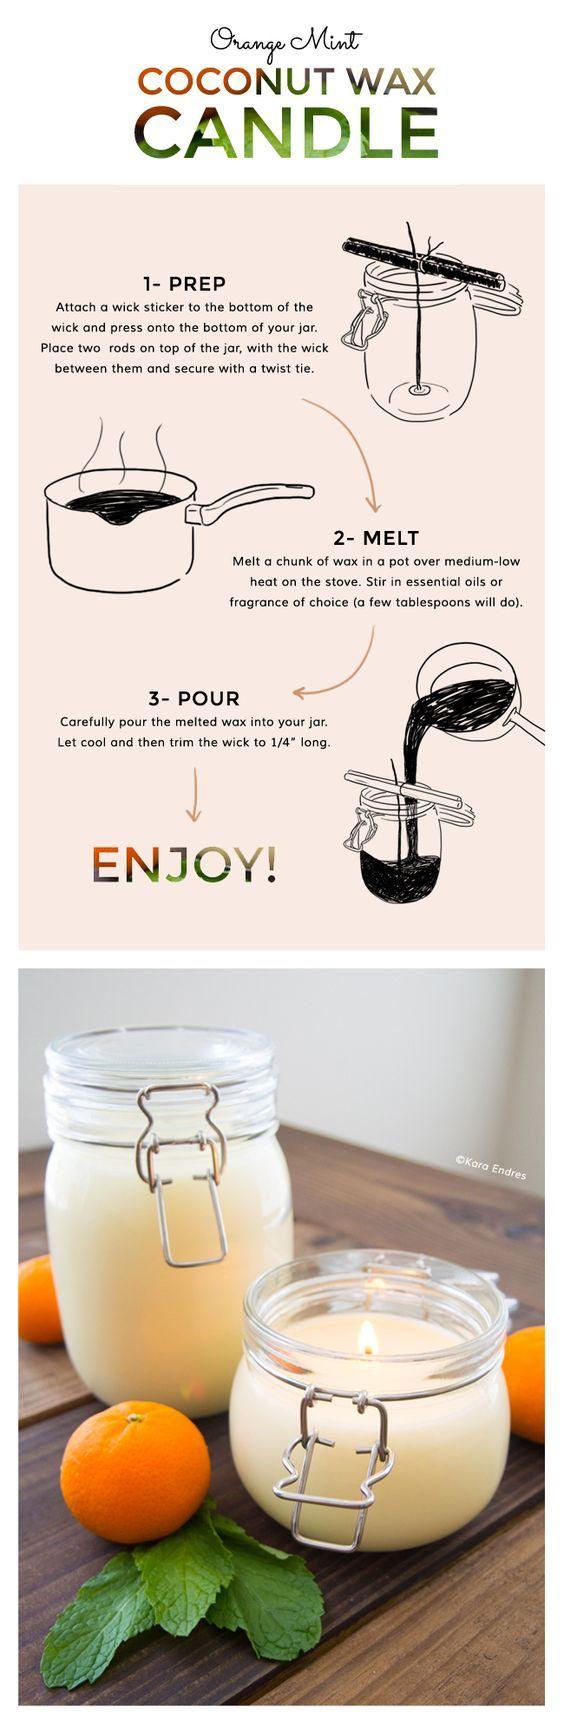 diy-coconut-wax-candles via